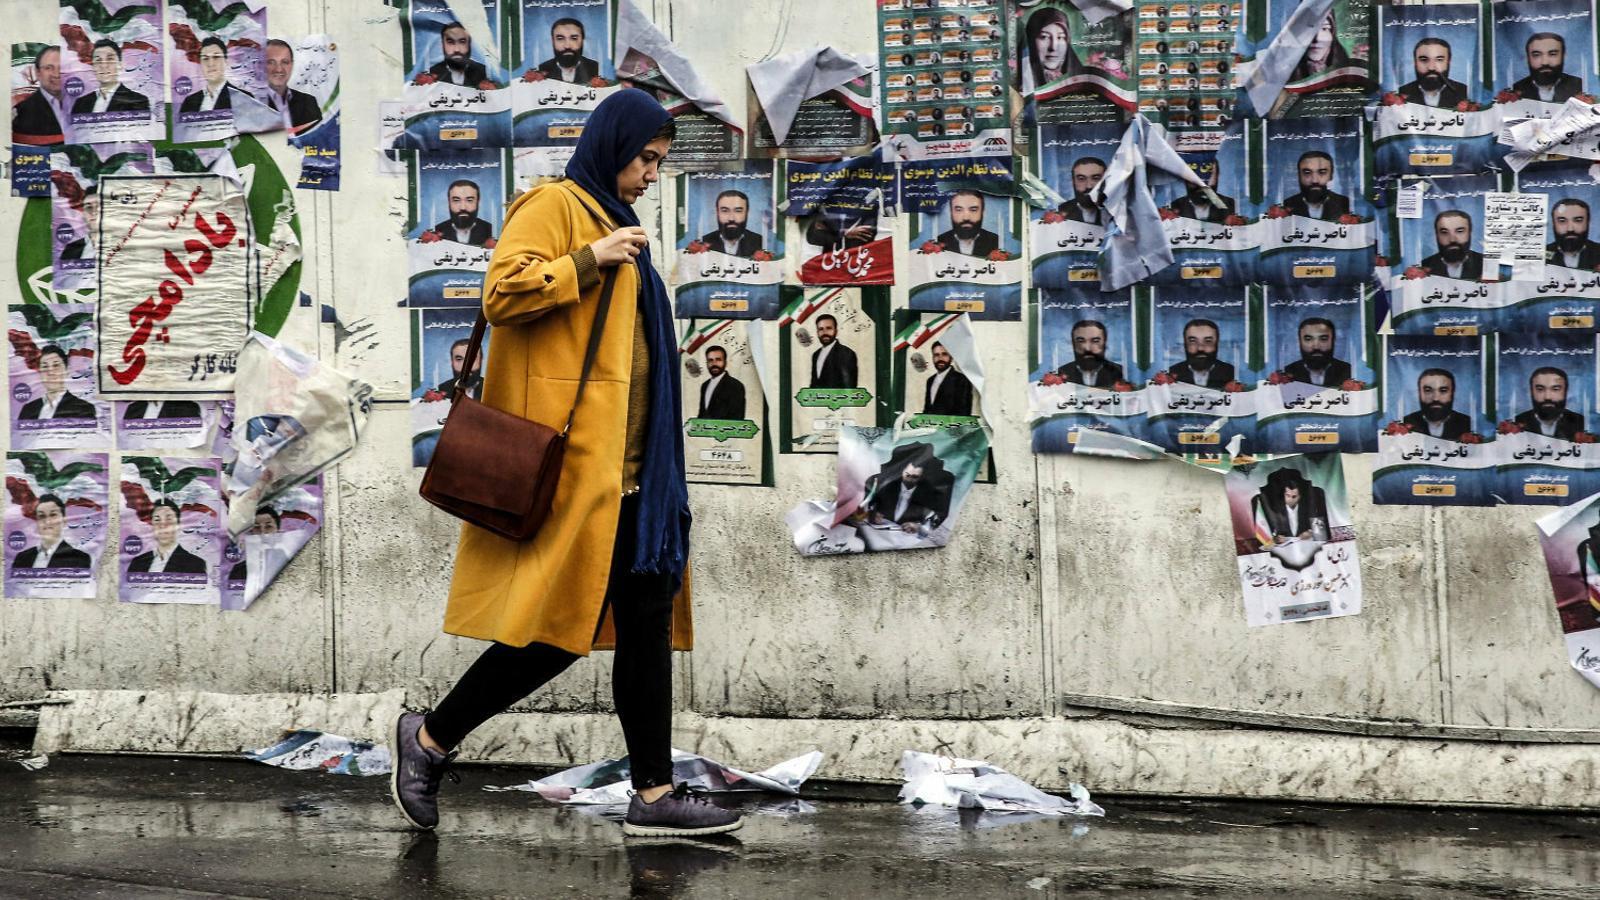 Els radicals, favorits per aconseguir el control del Parlament a l'Iran